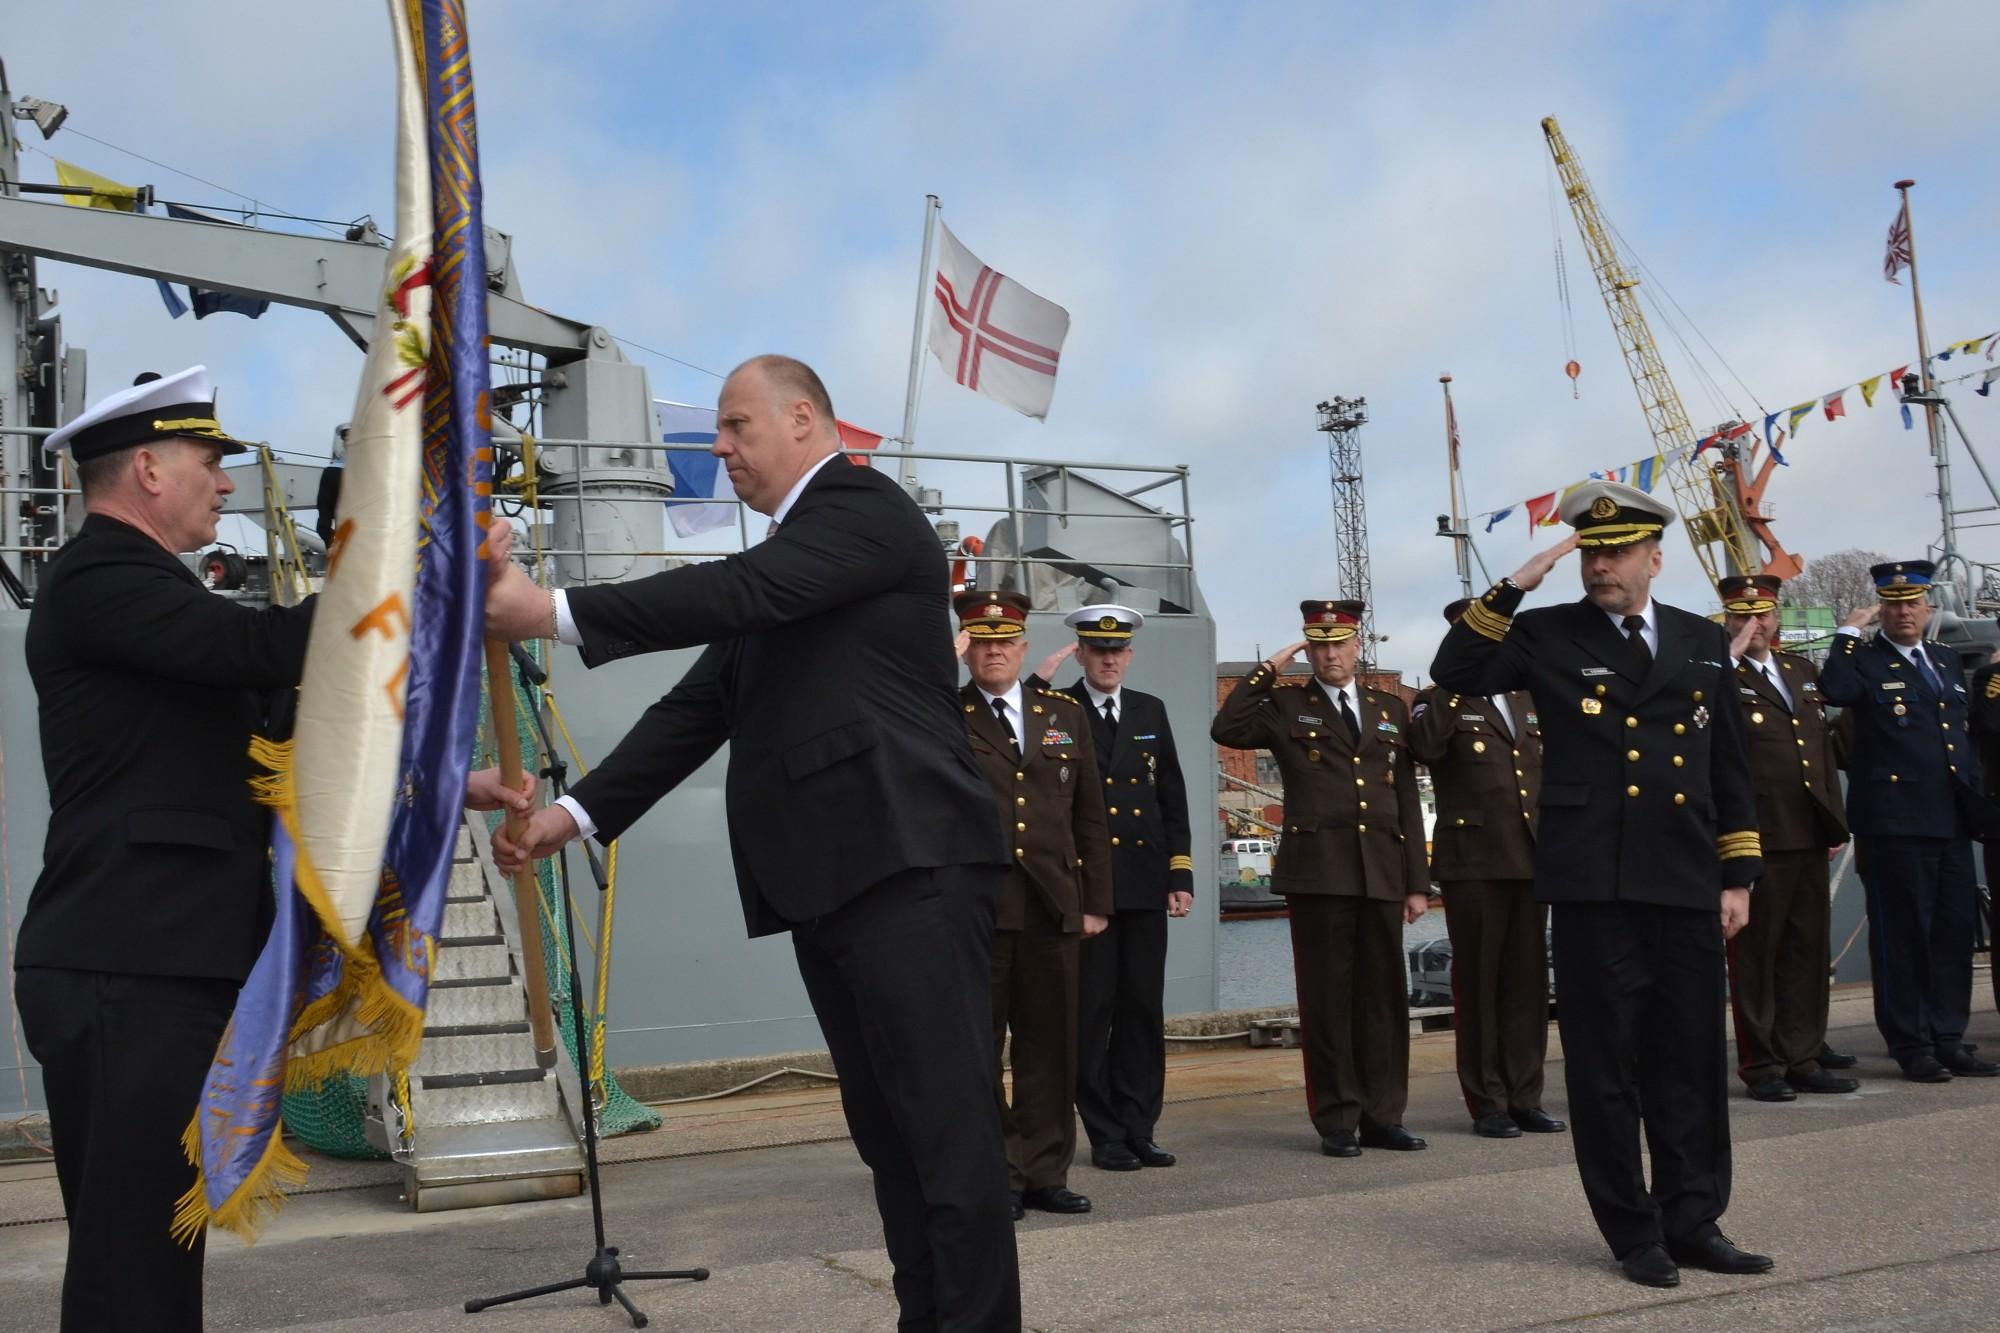 Baltijas valstu aizsardzības ministri Liepājā pārrunās reģionālās drošības aktualitātes